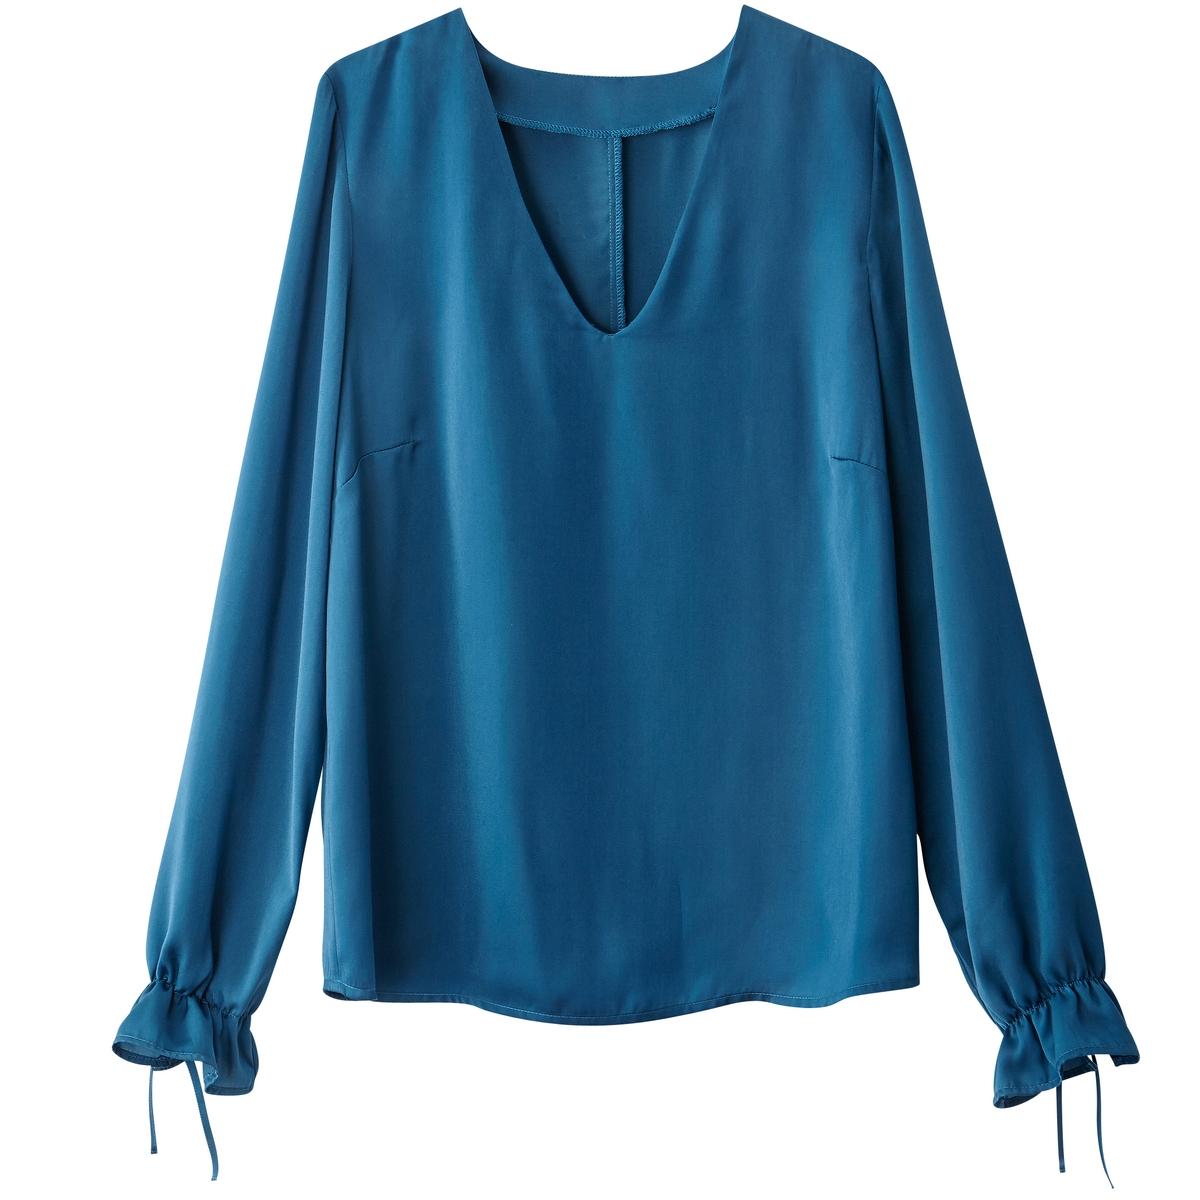 Блузка с V-образным вырезом, манжеты с завязкамиОписание •  Длинные рукава  •   V-образный вырезСостав и уход •  100% полиэстер  •  Машинная стирка при 30 °С   •  Сухая чистка и отбеливание запрещены    •  Не использовать барабанную сушку   •  Низкая температура глажки<br><br>Цвет: сине-зеленый,синий морской,слоновая кость<br>Размер: 34 (FR) - 40 (RUS).50 (FR) - 56 (RUS).38 (FR) - 44 (RUS).46 (FR) - 52 (RUS).38 (FR) - 44 (RUS).36 (FR) - 42 (RUS).34 (FR) - 40 (RUS).52 (FR) - 58 (RUS).44 (FR) - 50 (RUS).38 (FR) - 44 (RUS)